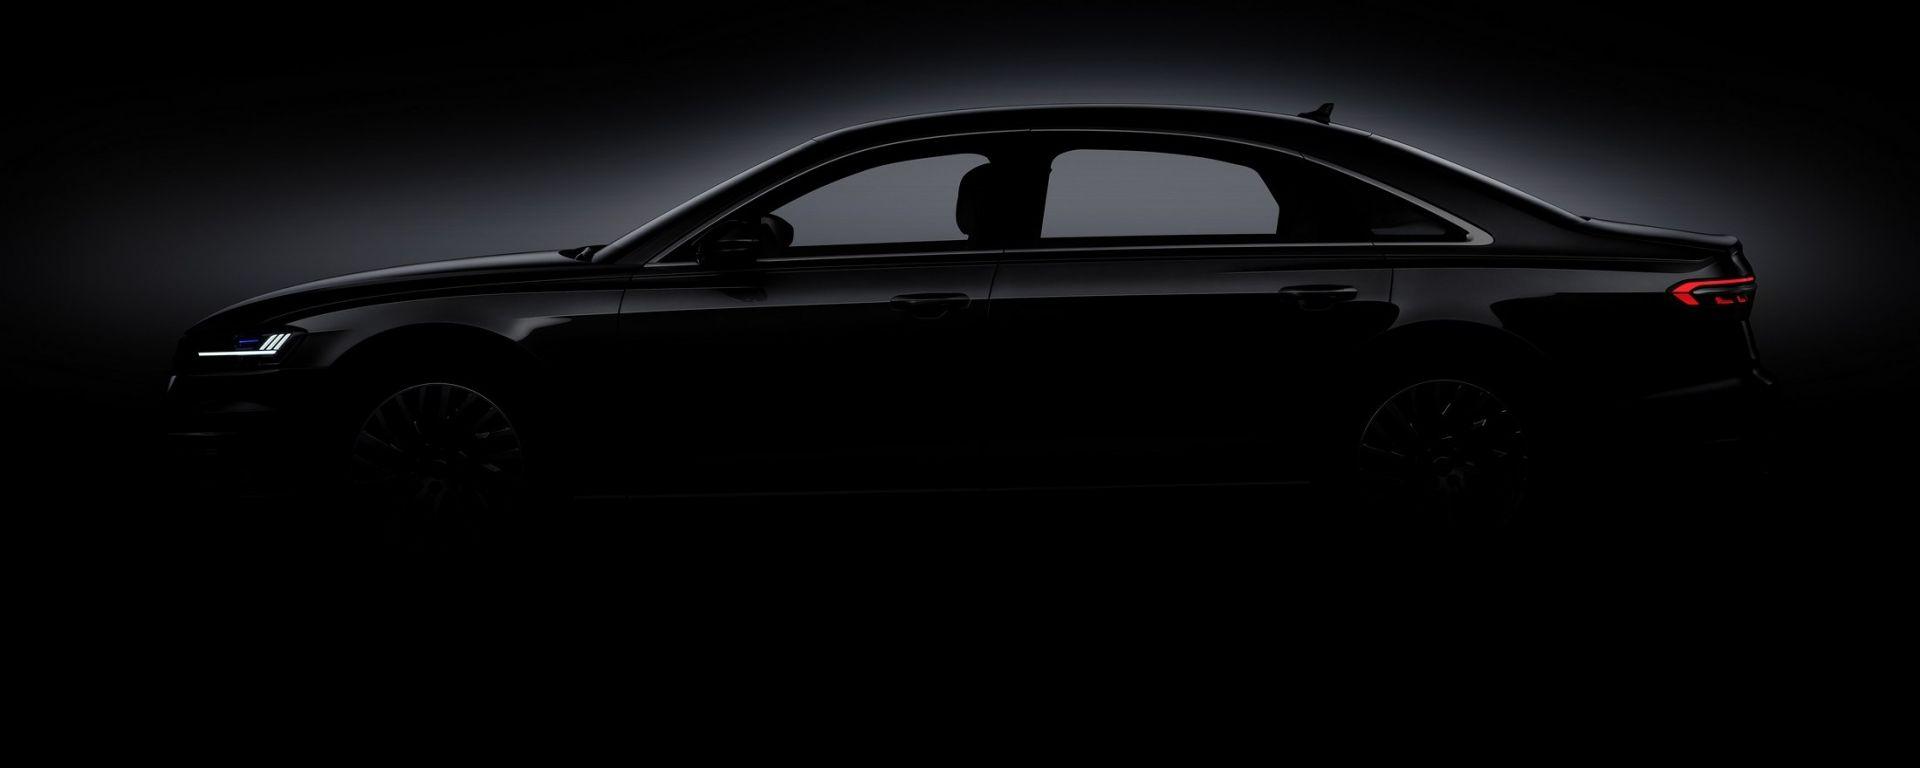 Nuova Audi A8: nuove immagini in attesa del debutto